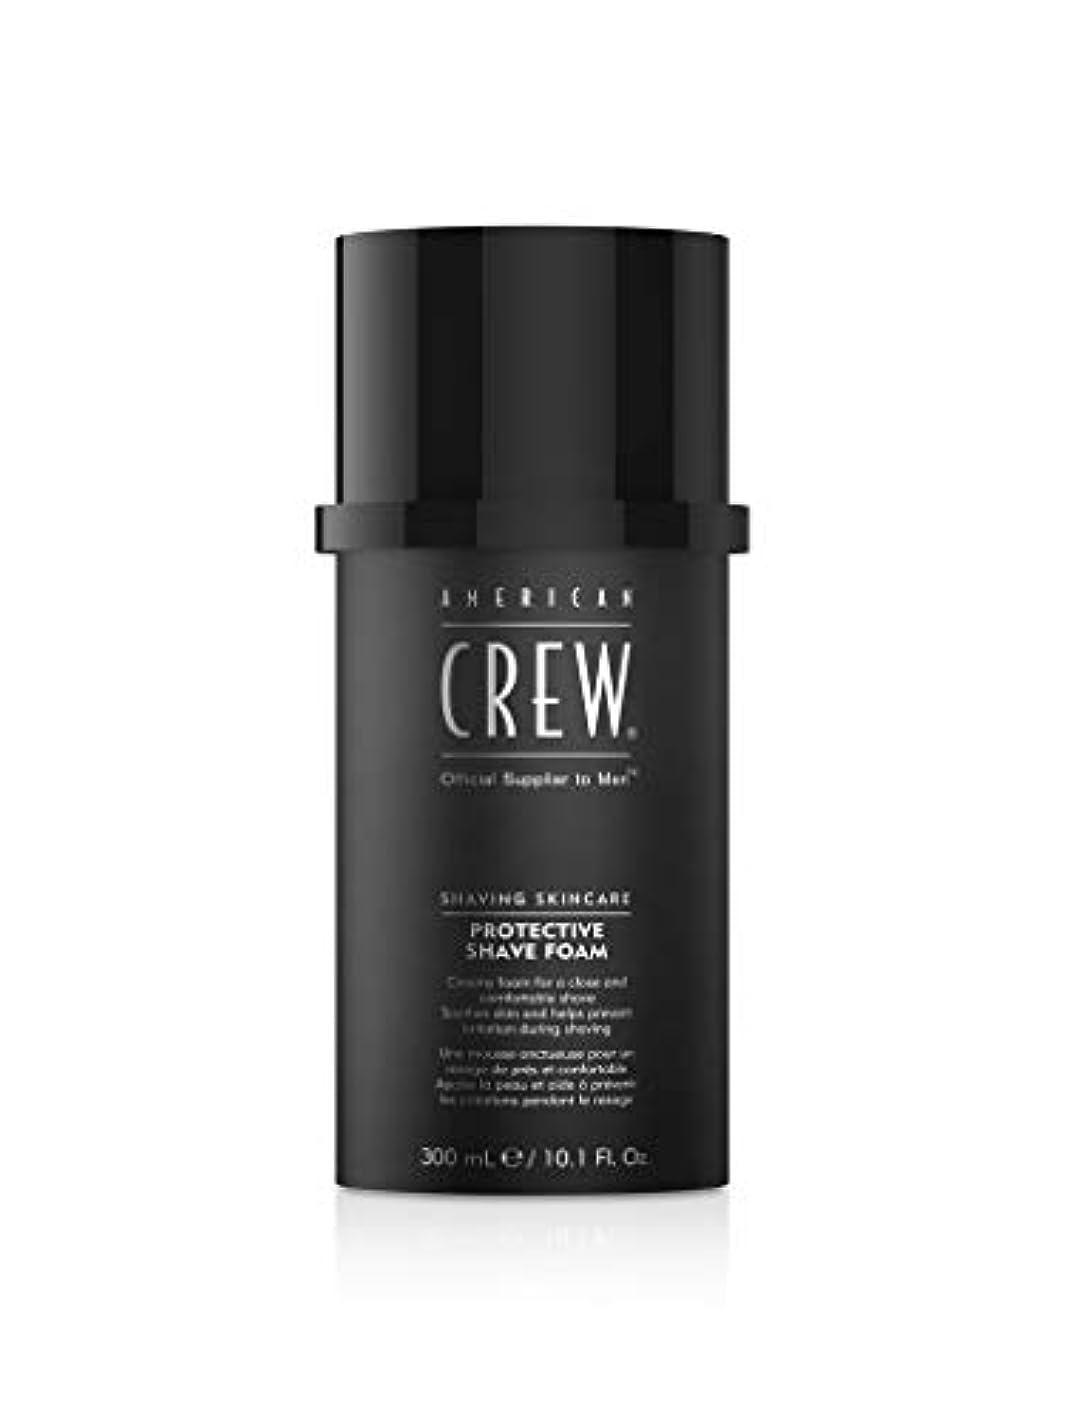 丈夫ホテルアミューズAmerican Crew Protective Shave Foam 300ml